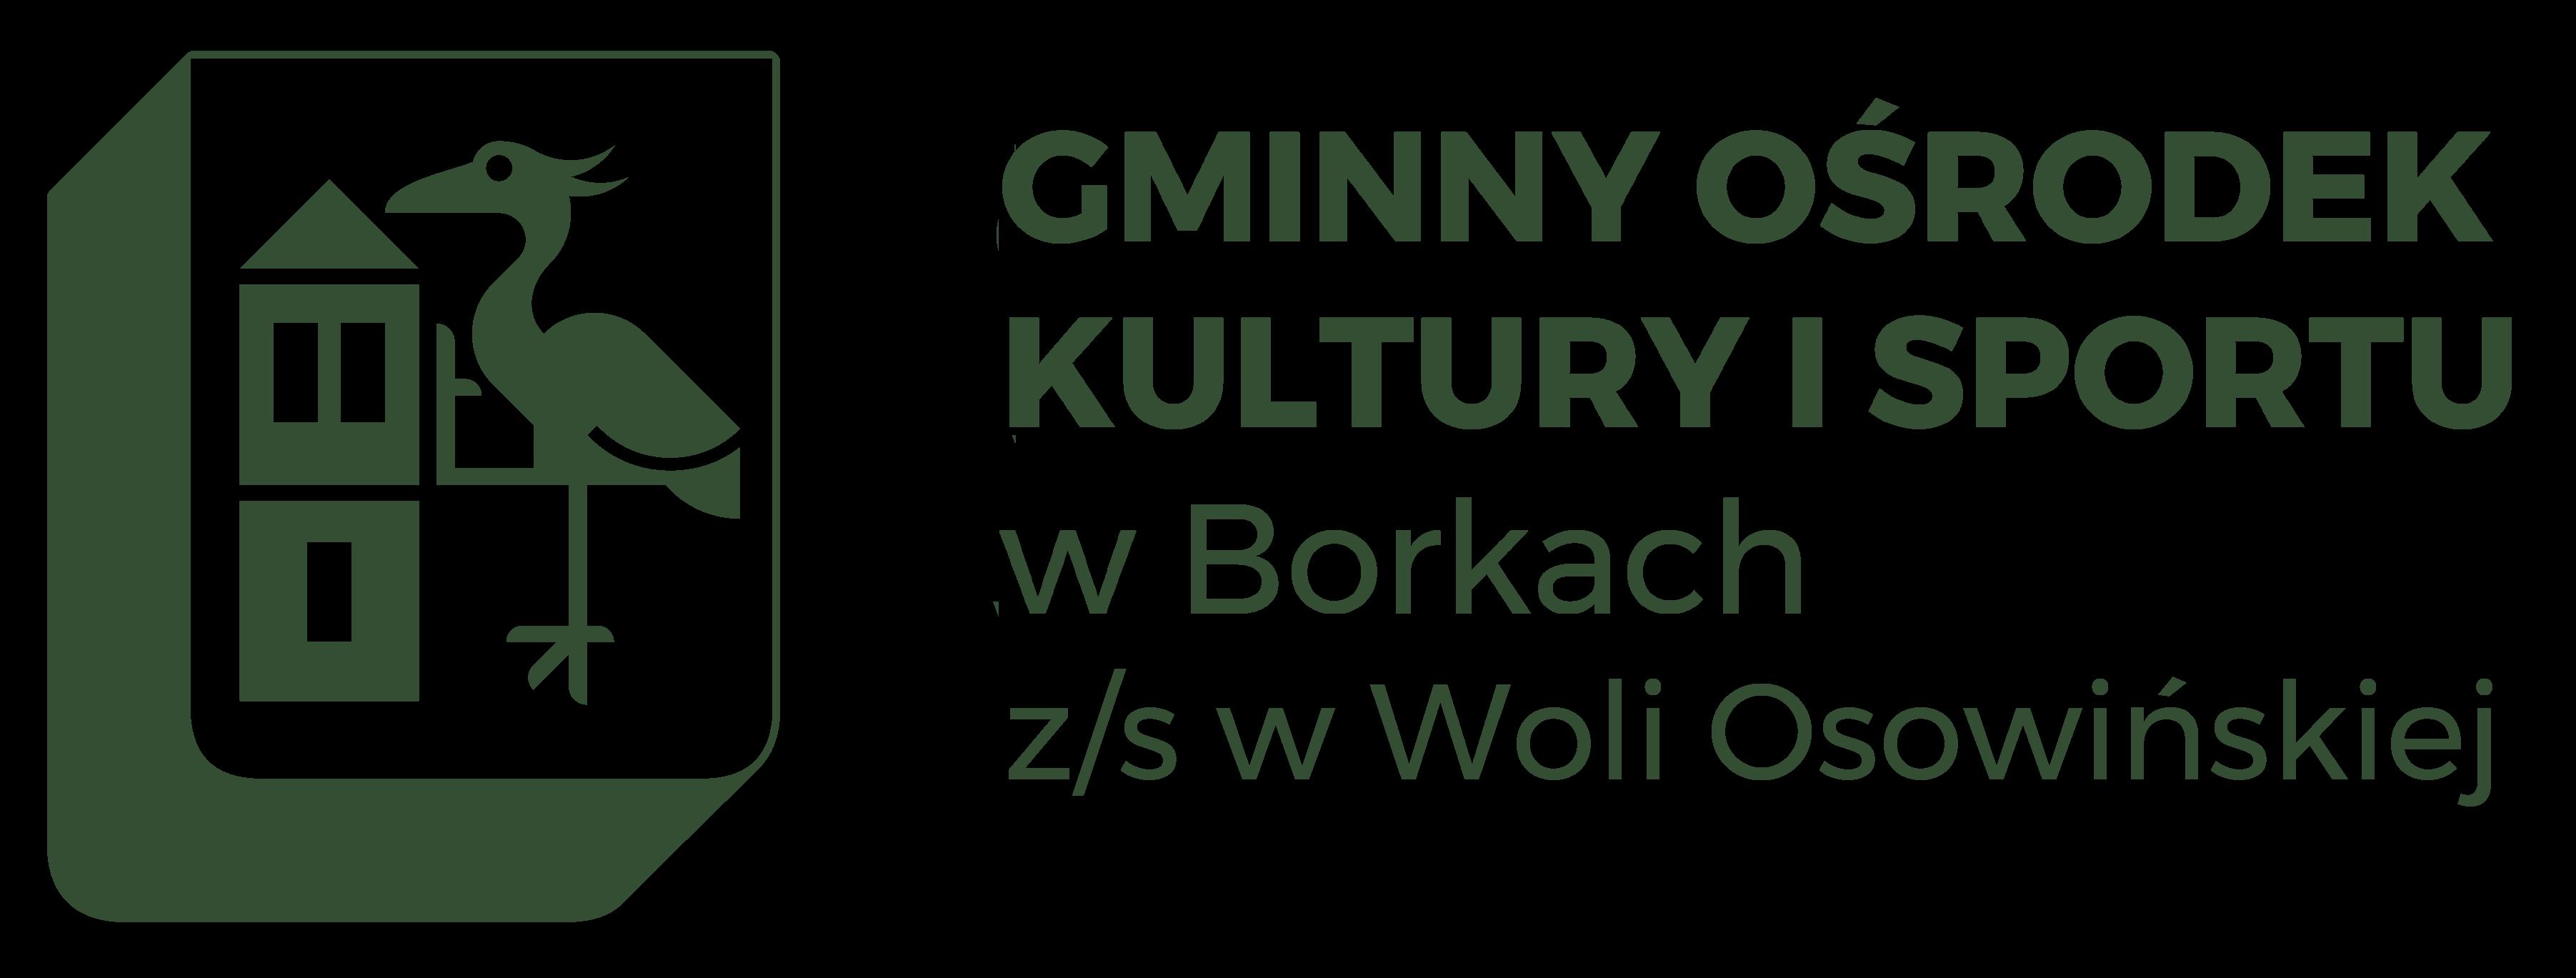 Gminny Ośrodek Kultury i Sportu w Borkach z/s w Woli Osowińskiej